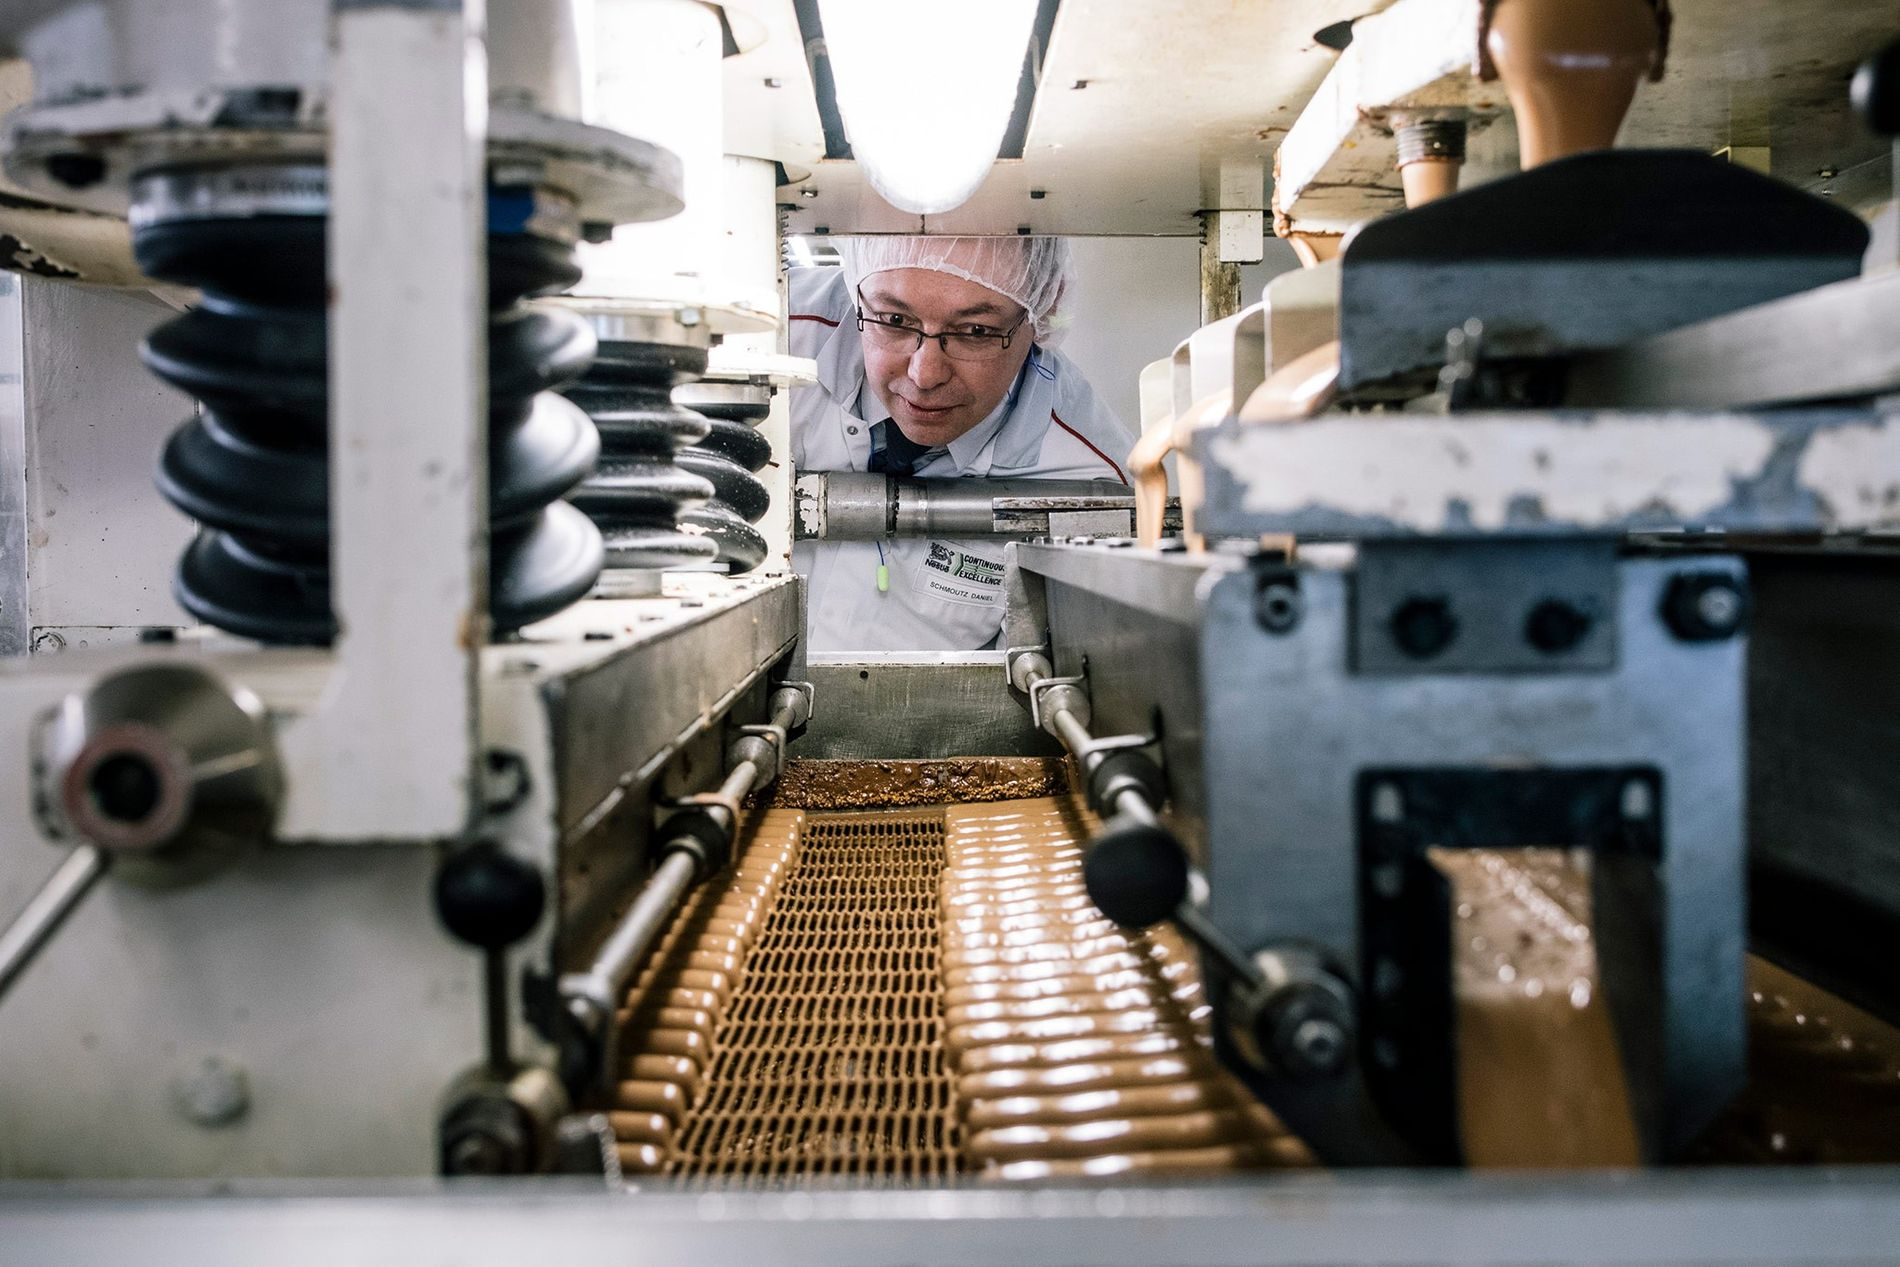 Os viajantes podem ver como o chocolate é produzido e provar doces em Broc, na Suíça.